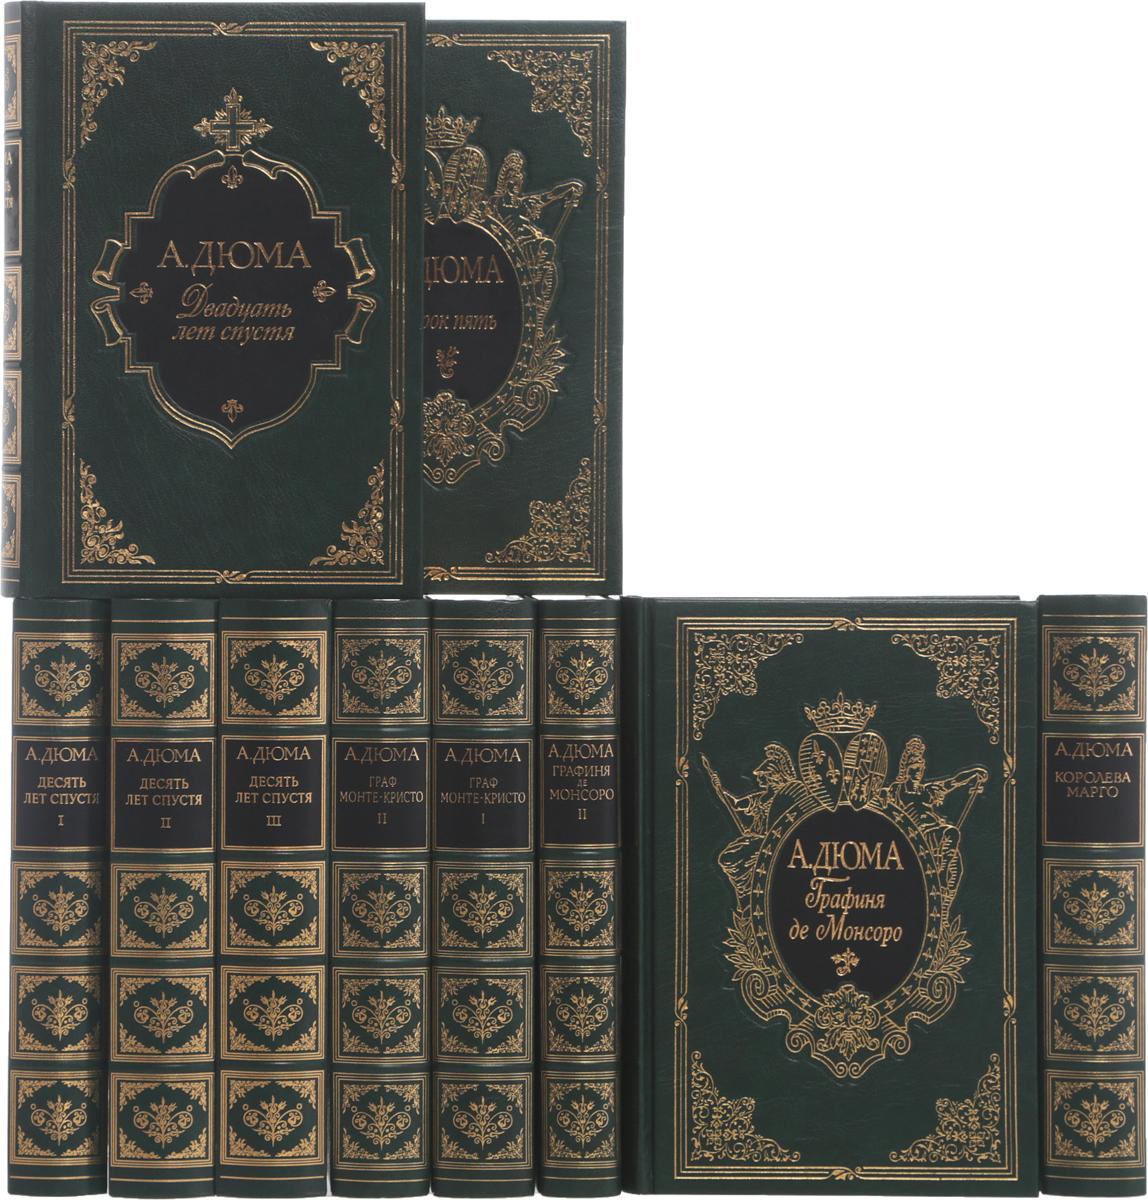 Александр Дюма А. Дюма. Собрание сочинений. Двадцать избранных романов (комплект из 10 книг) цена и фото